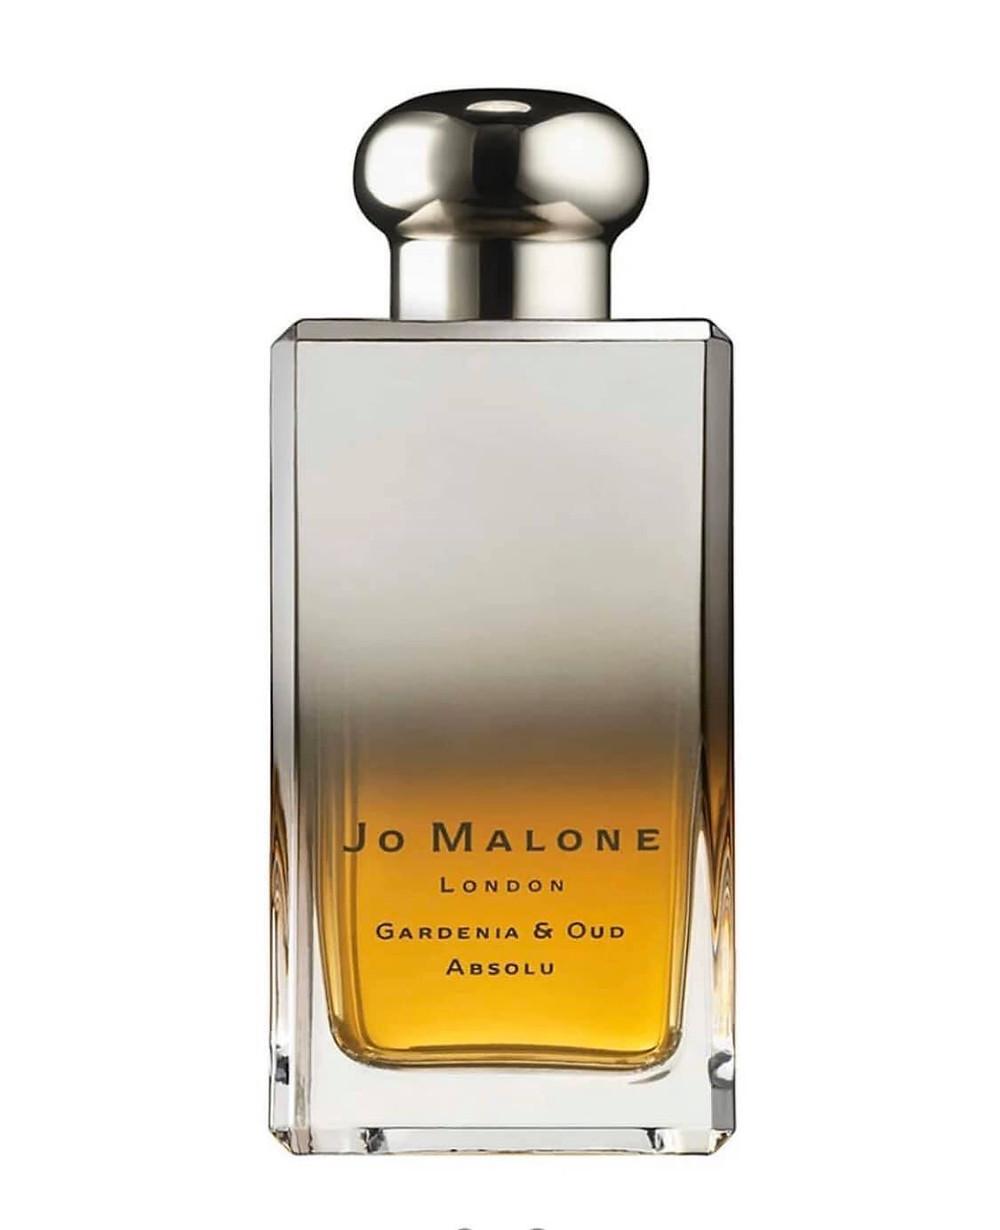 Jo Malone Absolu Gardenia & Oud